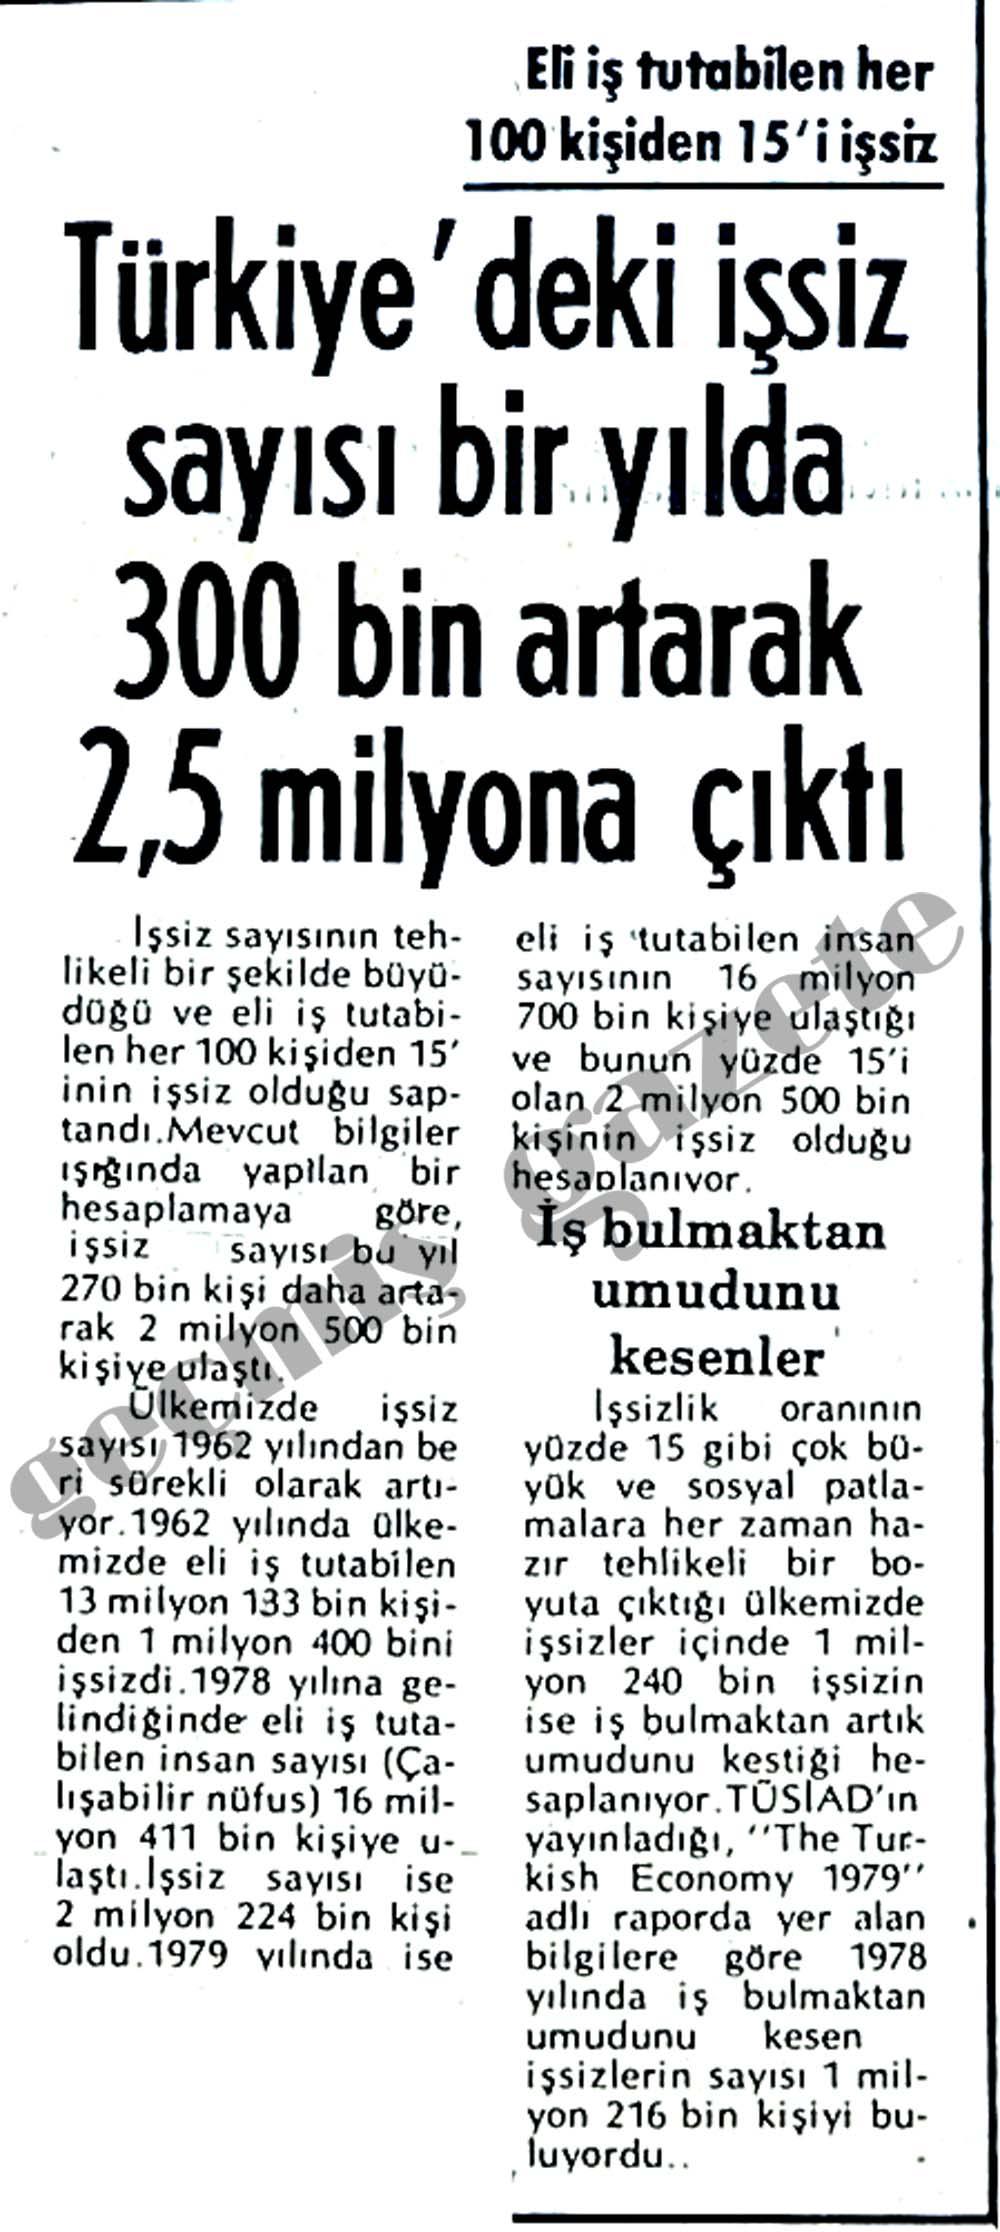 Türkiye'deki işsiz sayısı bir yılda 300 bin artarak 2.5 milyona çıktı